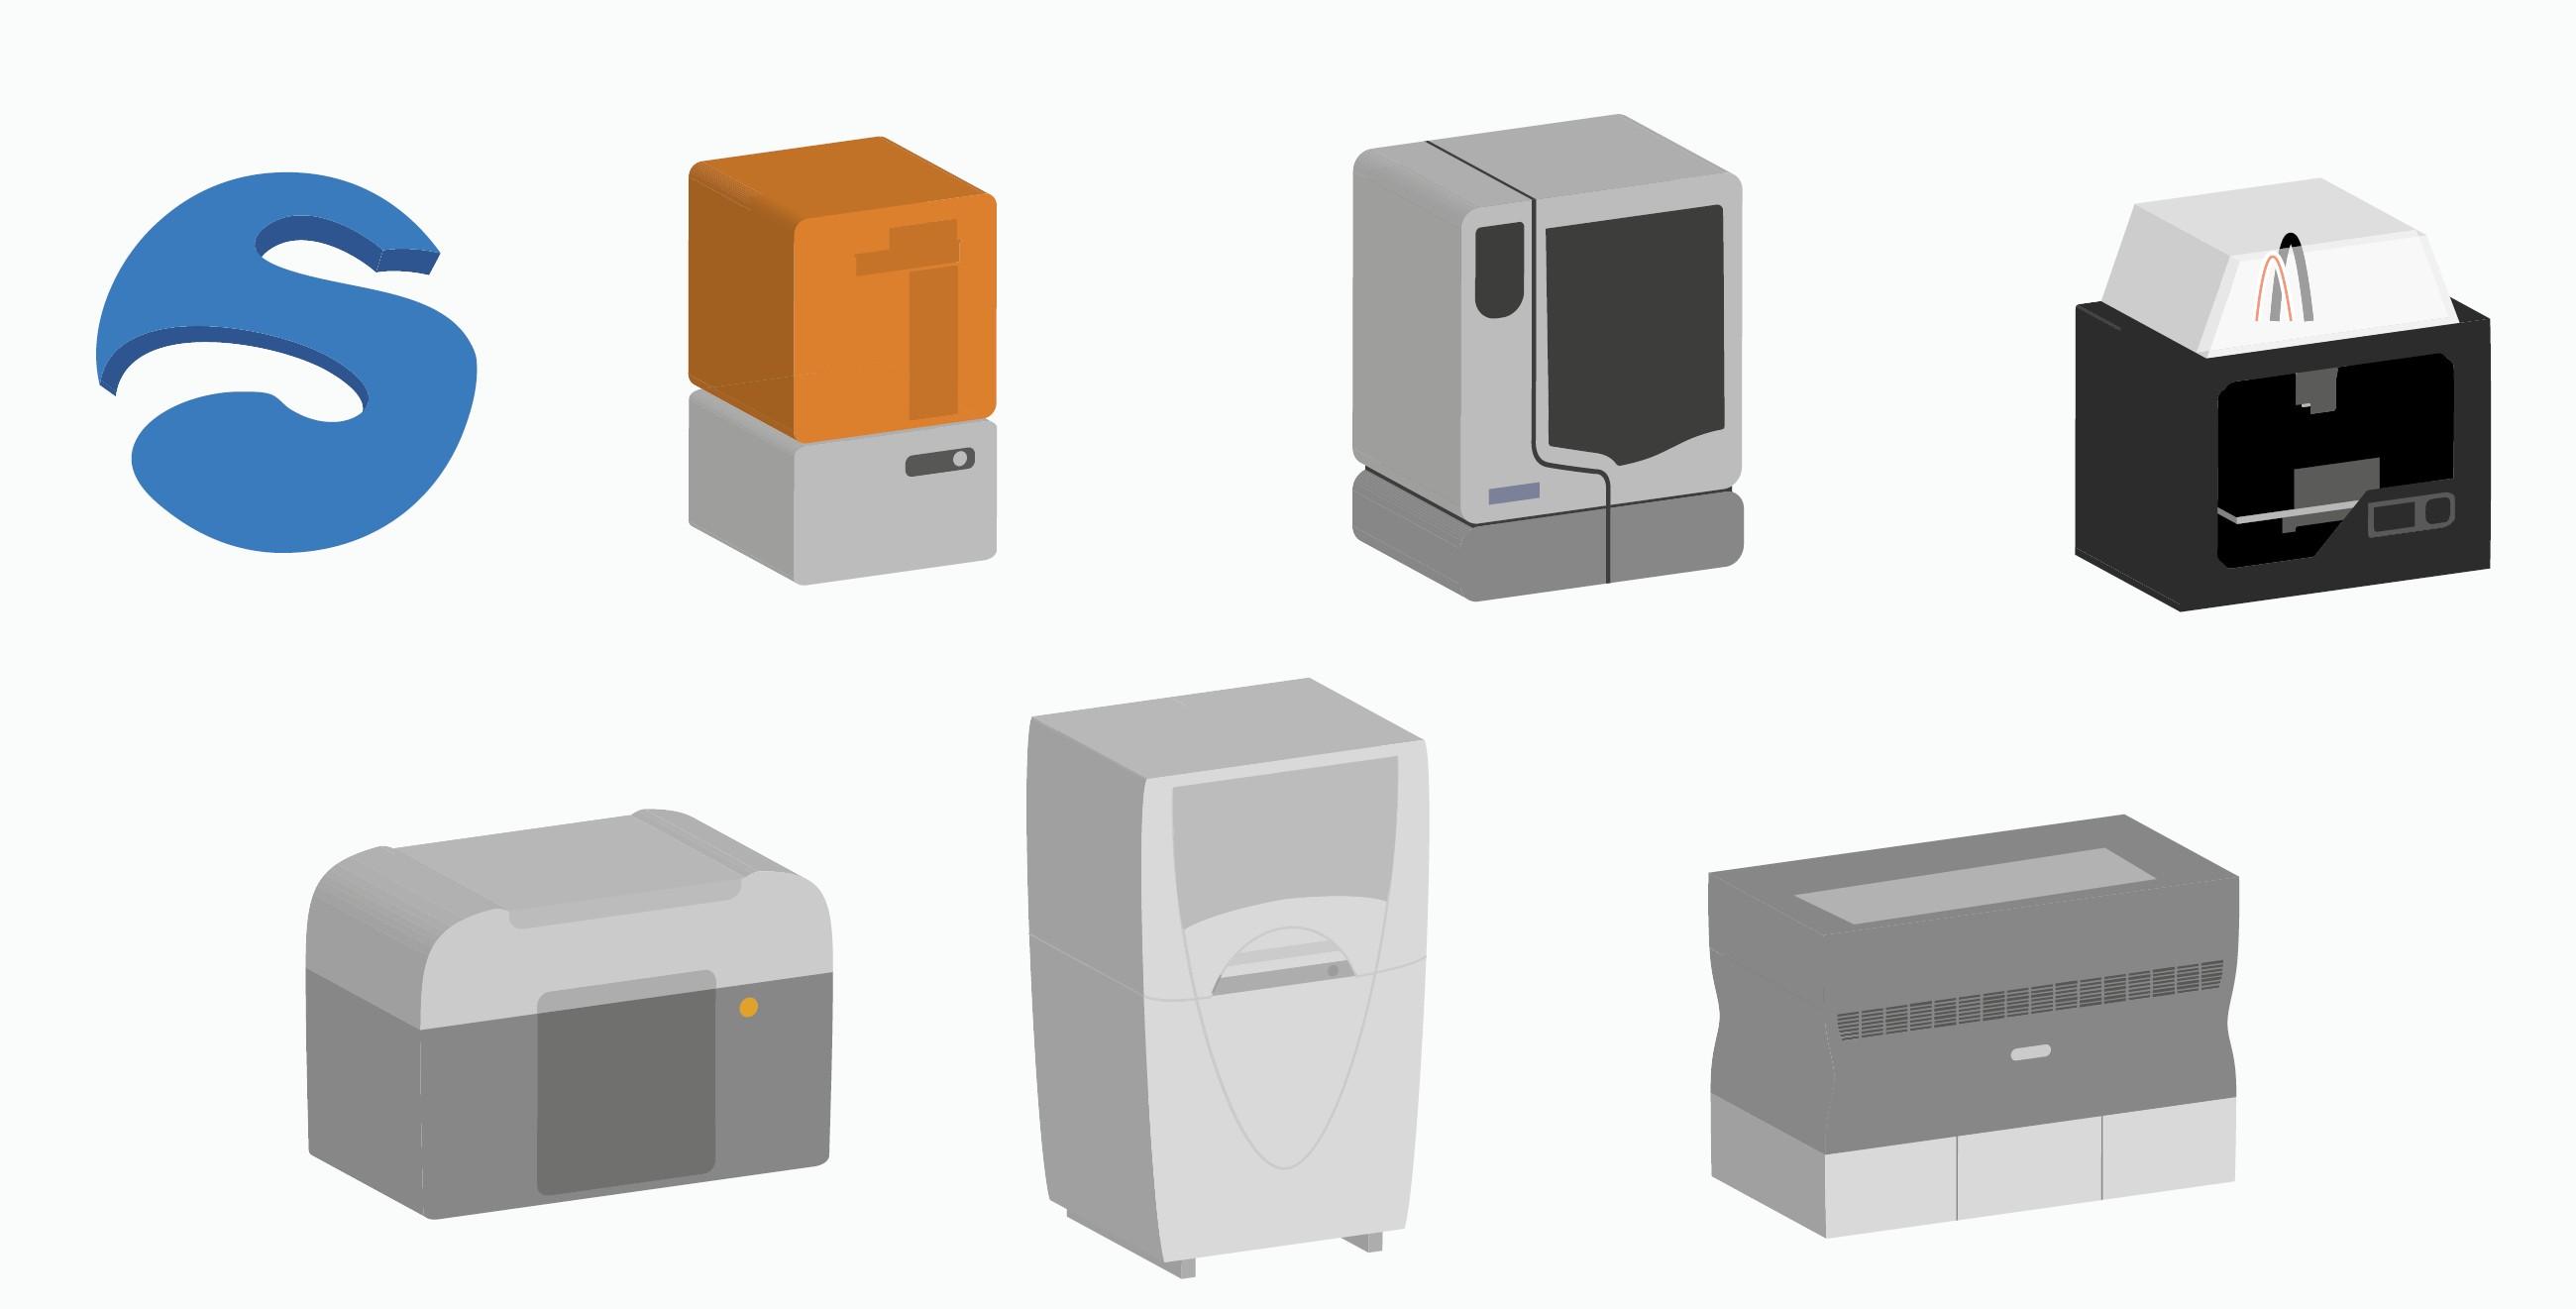 Acheter une imprimante 3D ou utiliser un service d'impression?